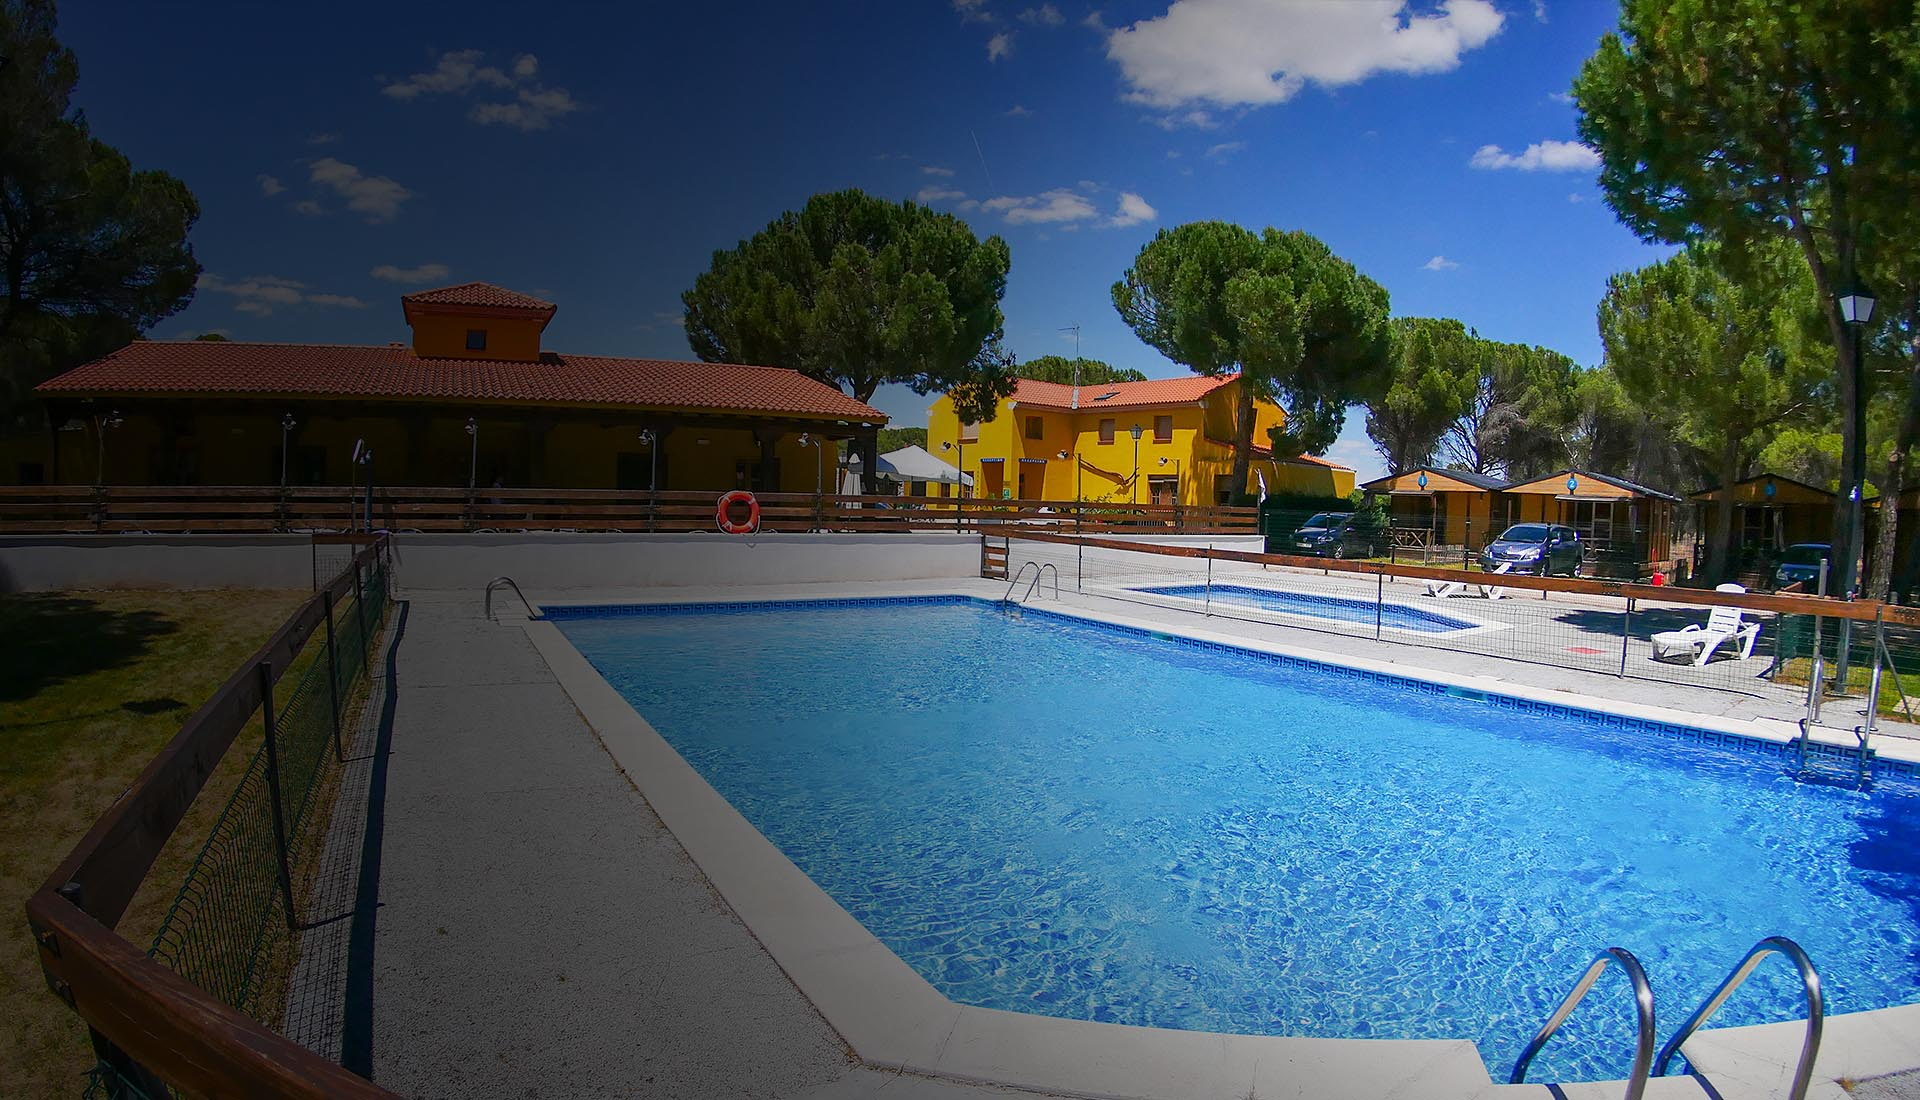 piscina, camping, peñafiel, valladolid, despedidas, ribera del duero, hotel, pension, fiestas de san roque, verano